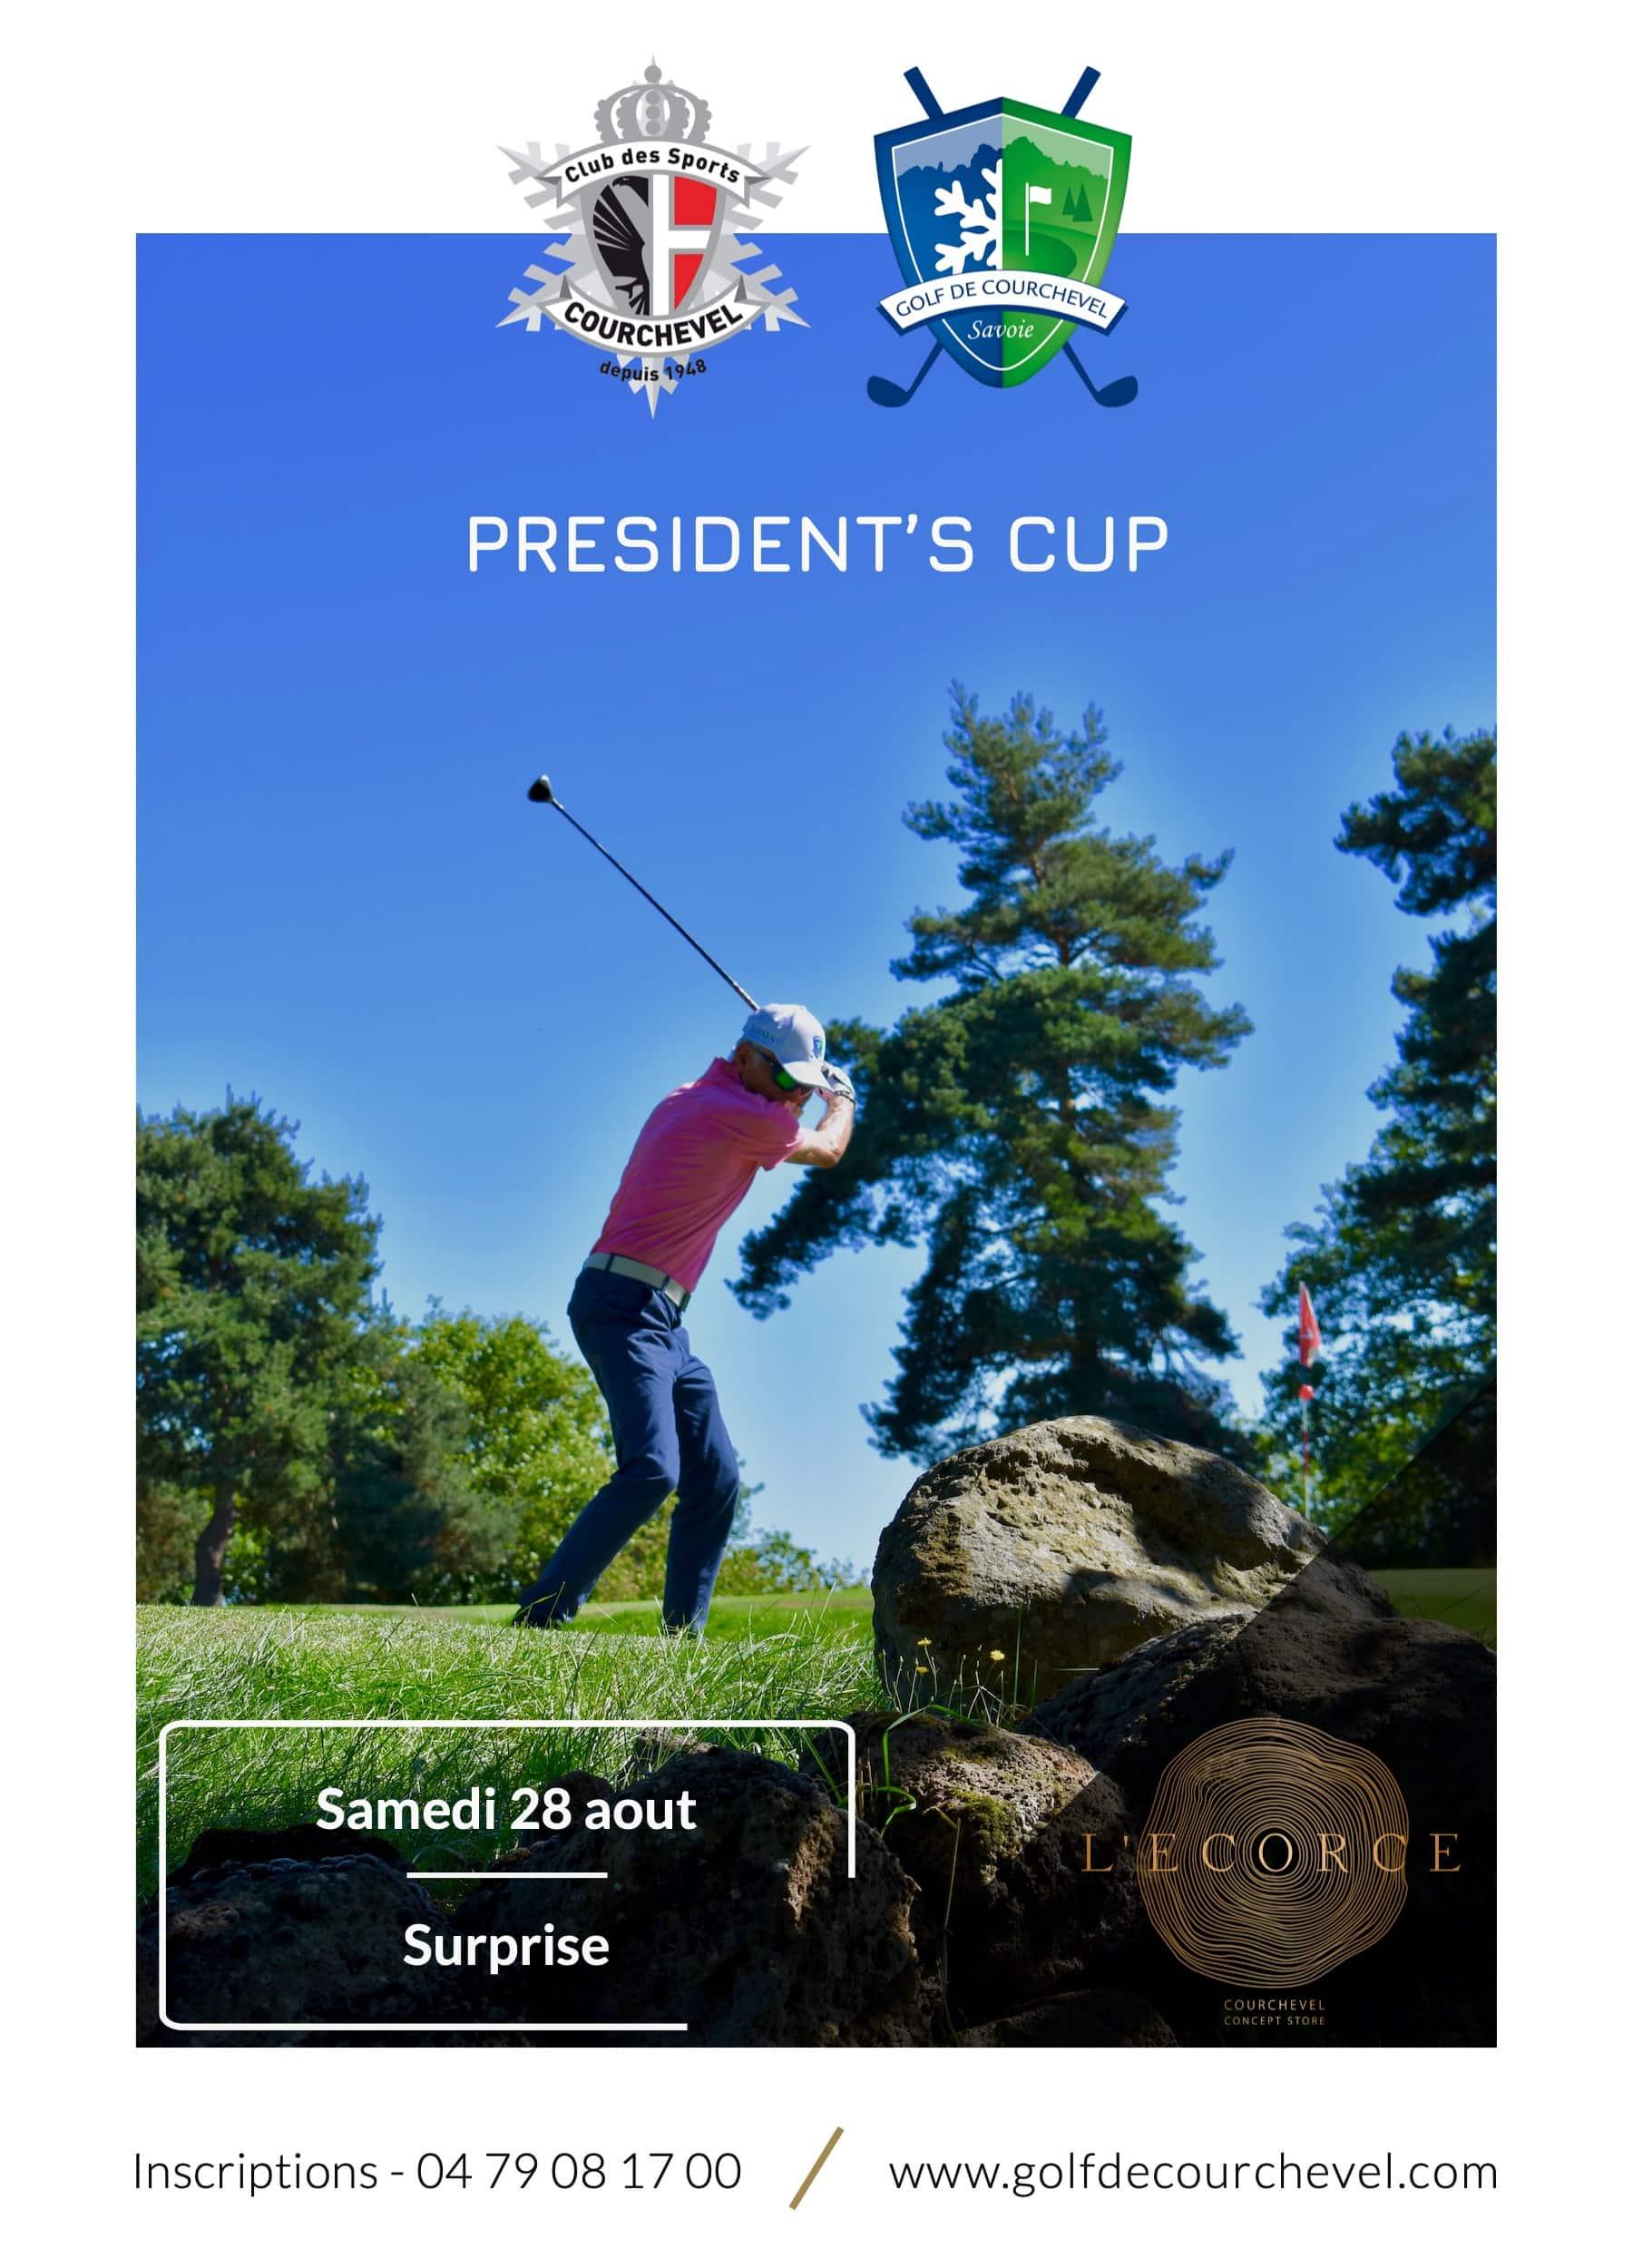 Golf Club de Courchevel | President's Cup le 28 aout 2021 - Surprise